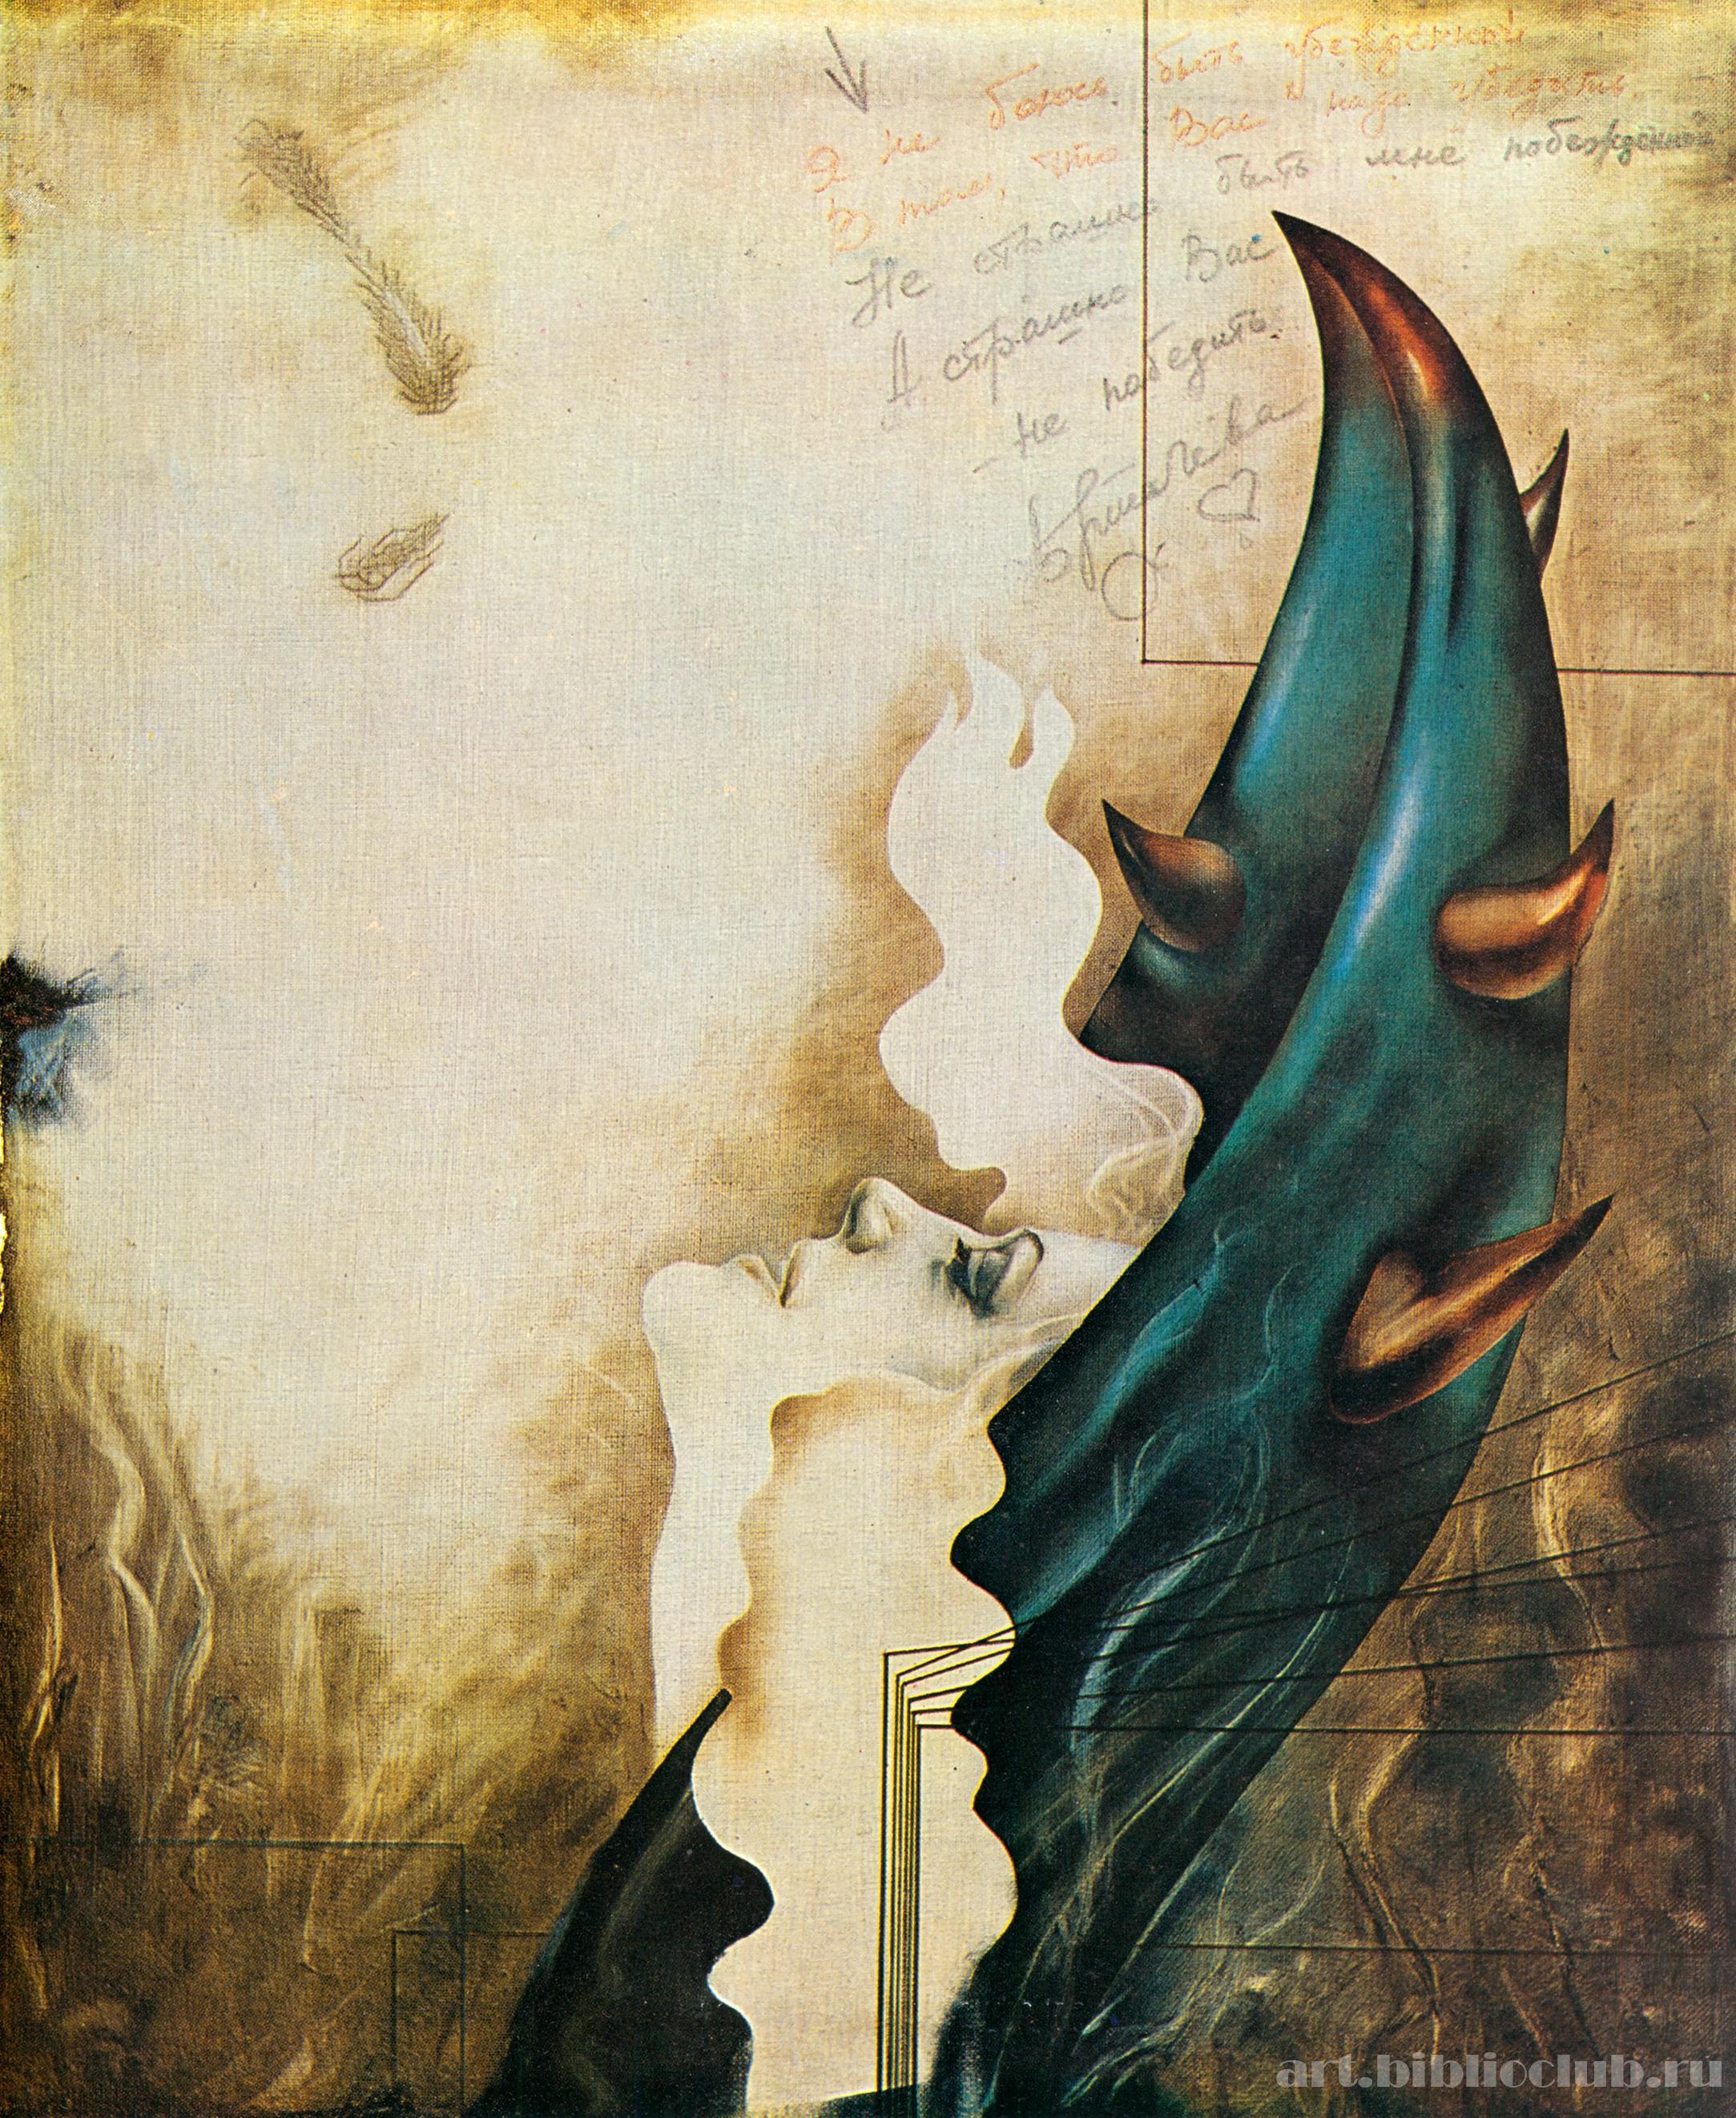 Эдуард Дробицкий / «Портрет Аллы Пугачевой», (на картине стихотворный автограф А.Пугачёвой: Я не боюсь быть убеждённой В том, что вас надо убедить. Не страшно мне быть побеждённой, А страшно вас не победить.) / 1980